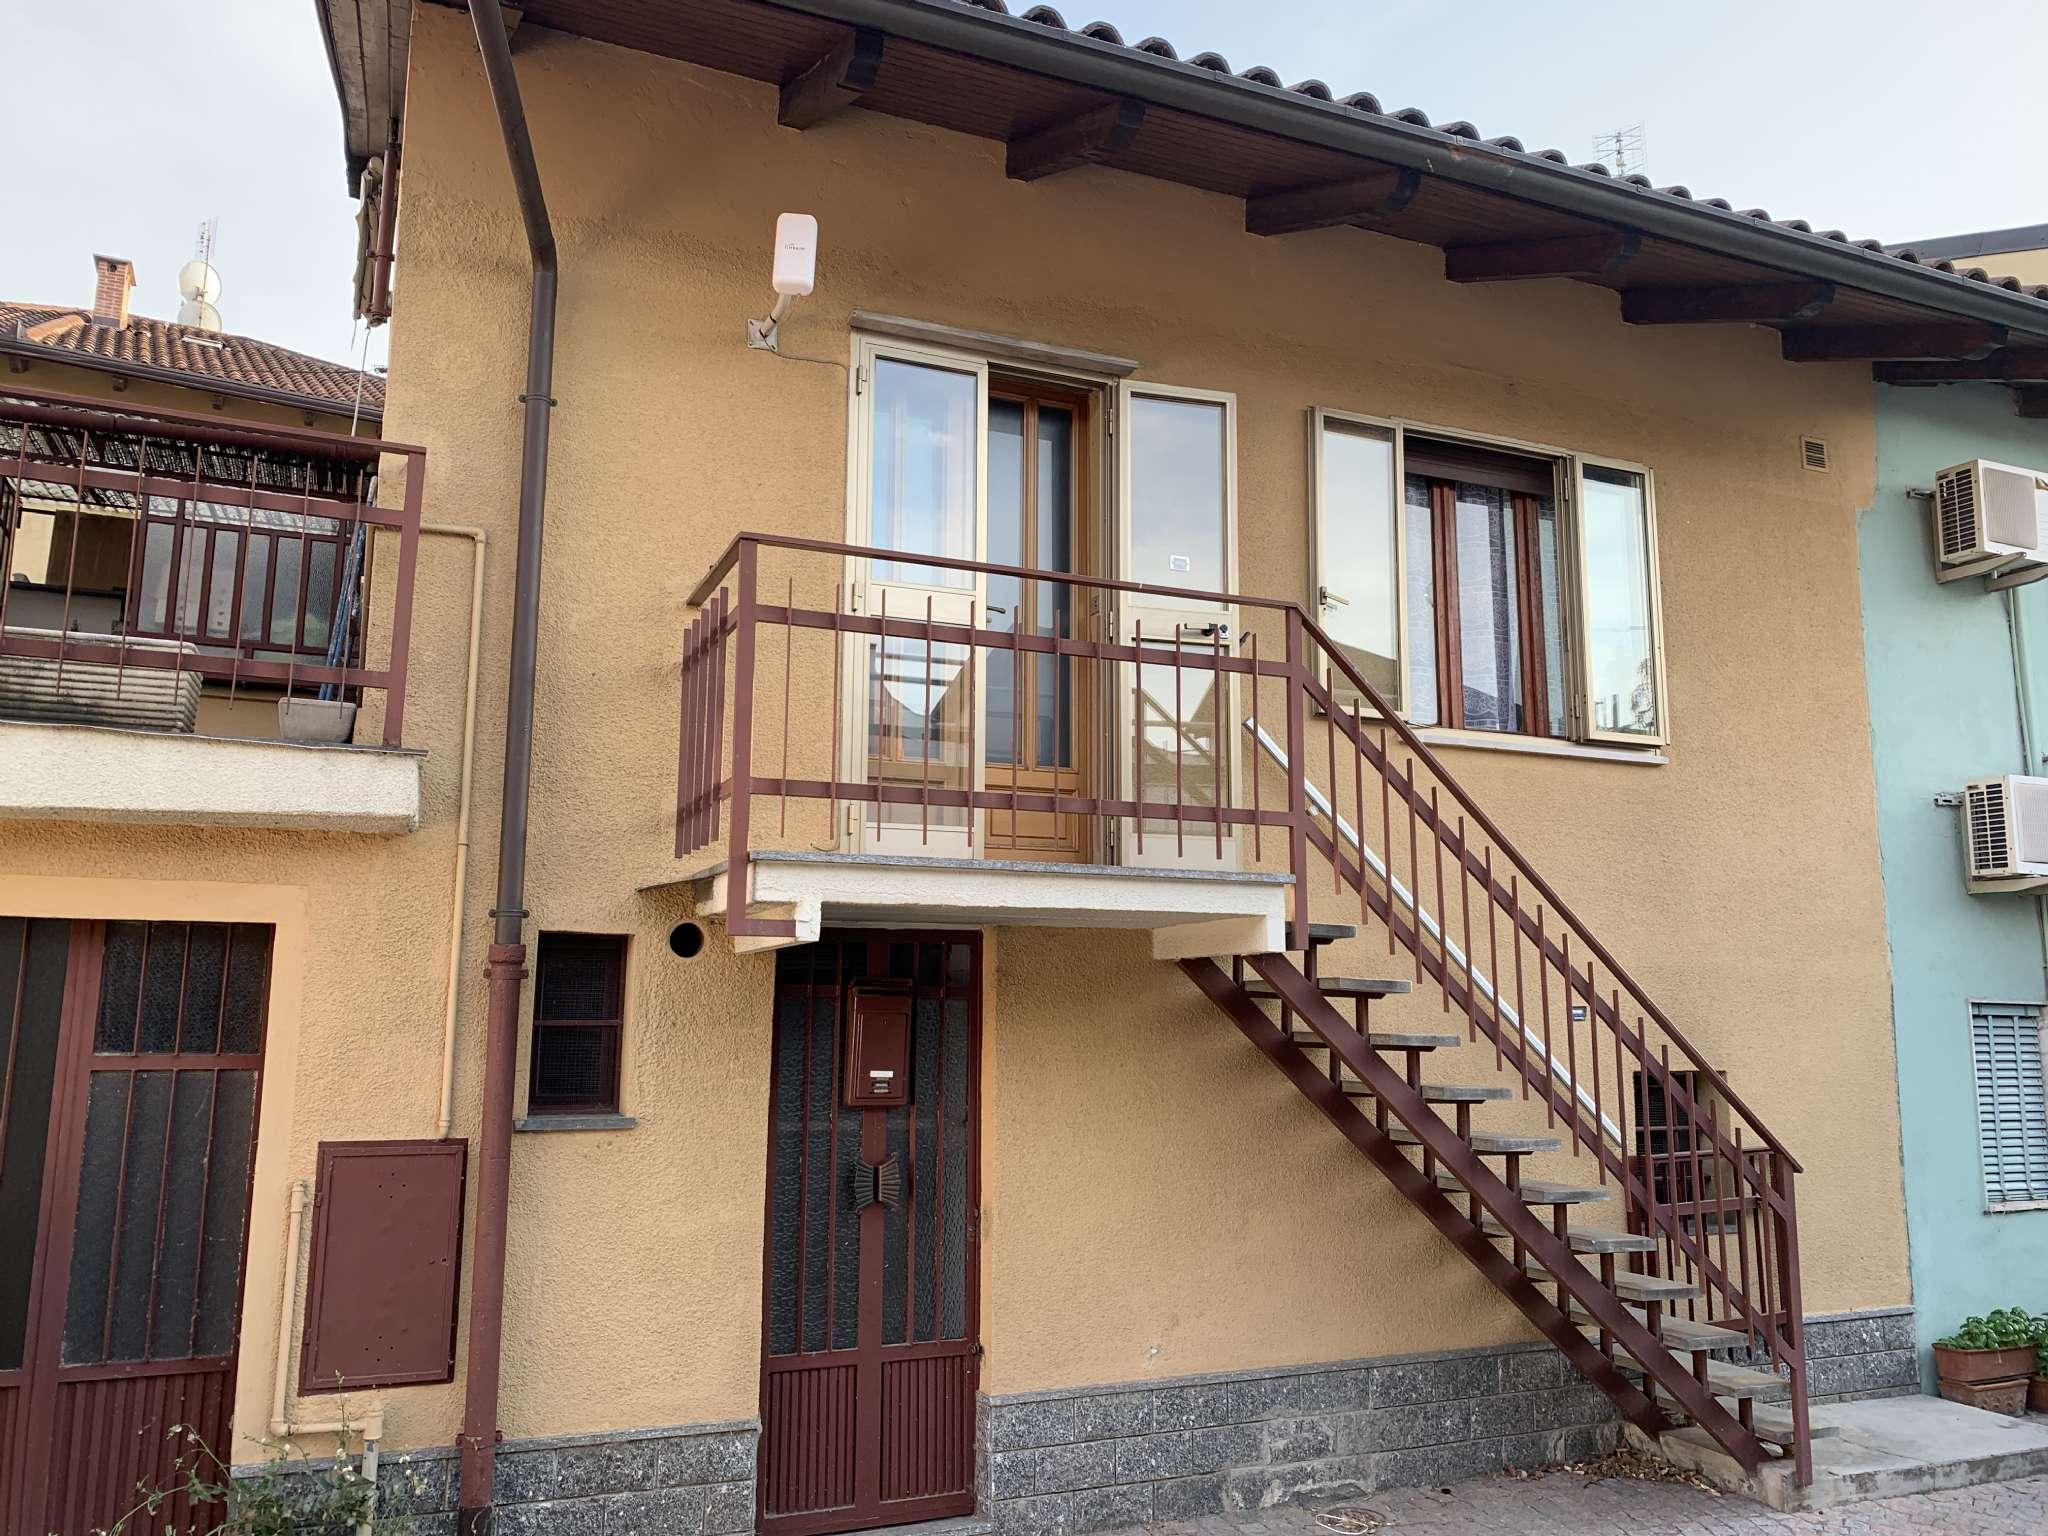 Foto 1 di Casa indipendente strada comunale di mirafiori 35/15, Torino (zona Mirafiori)